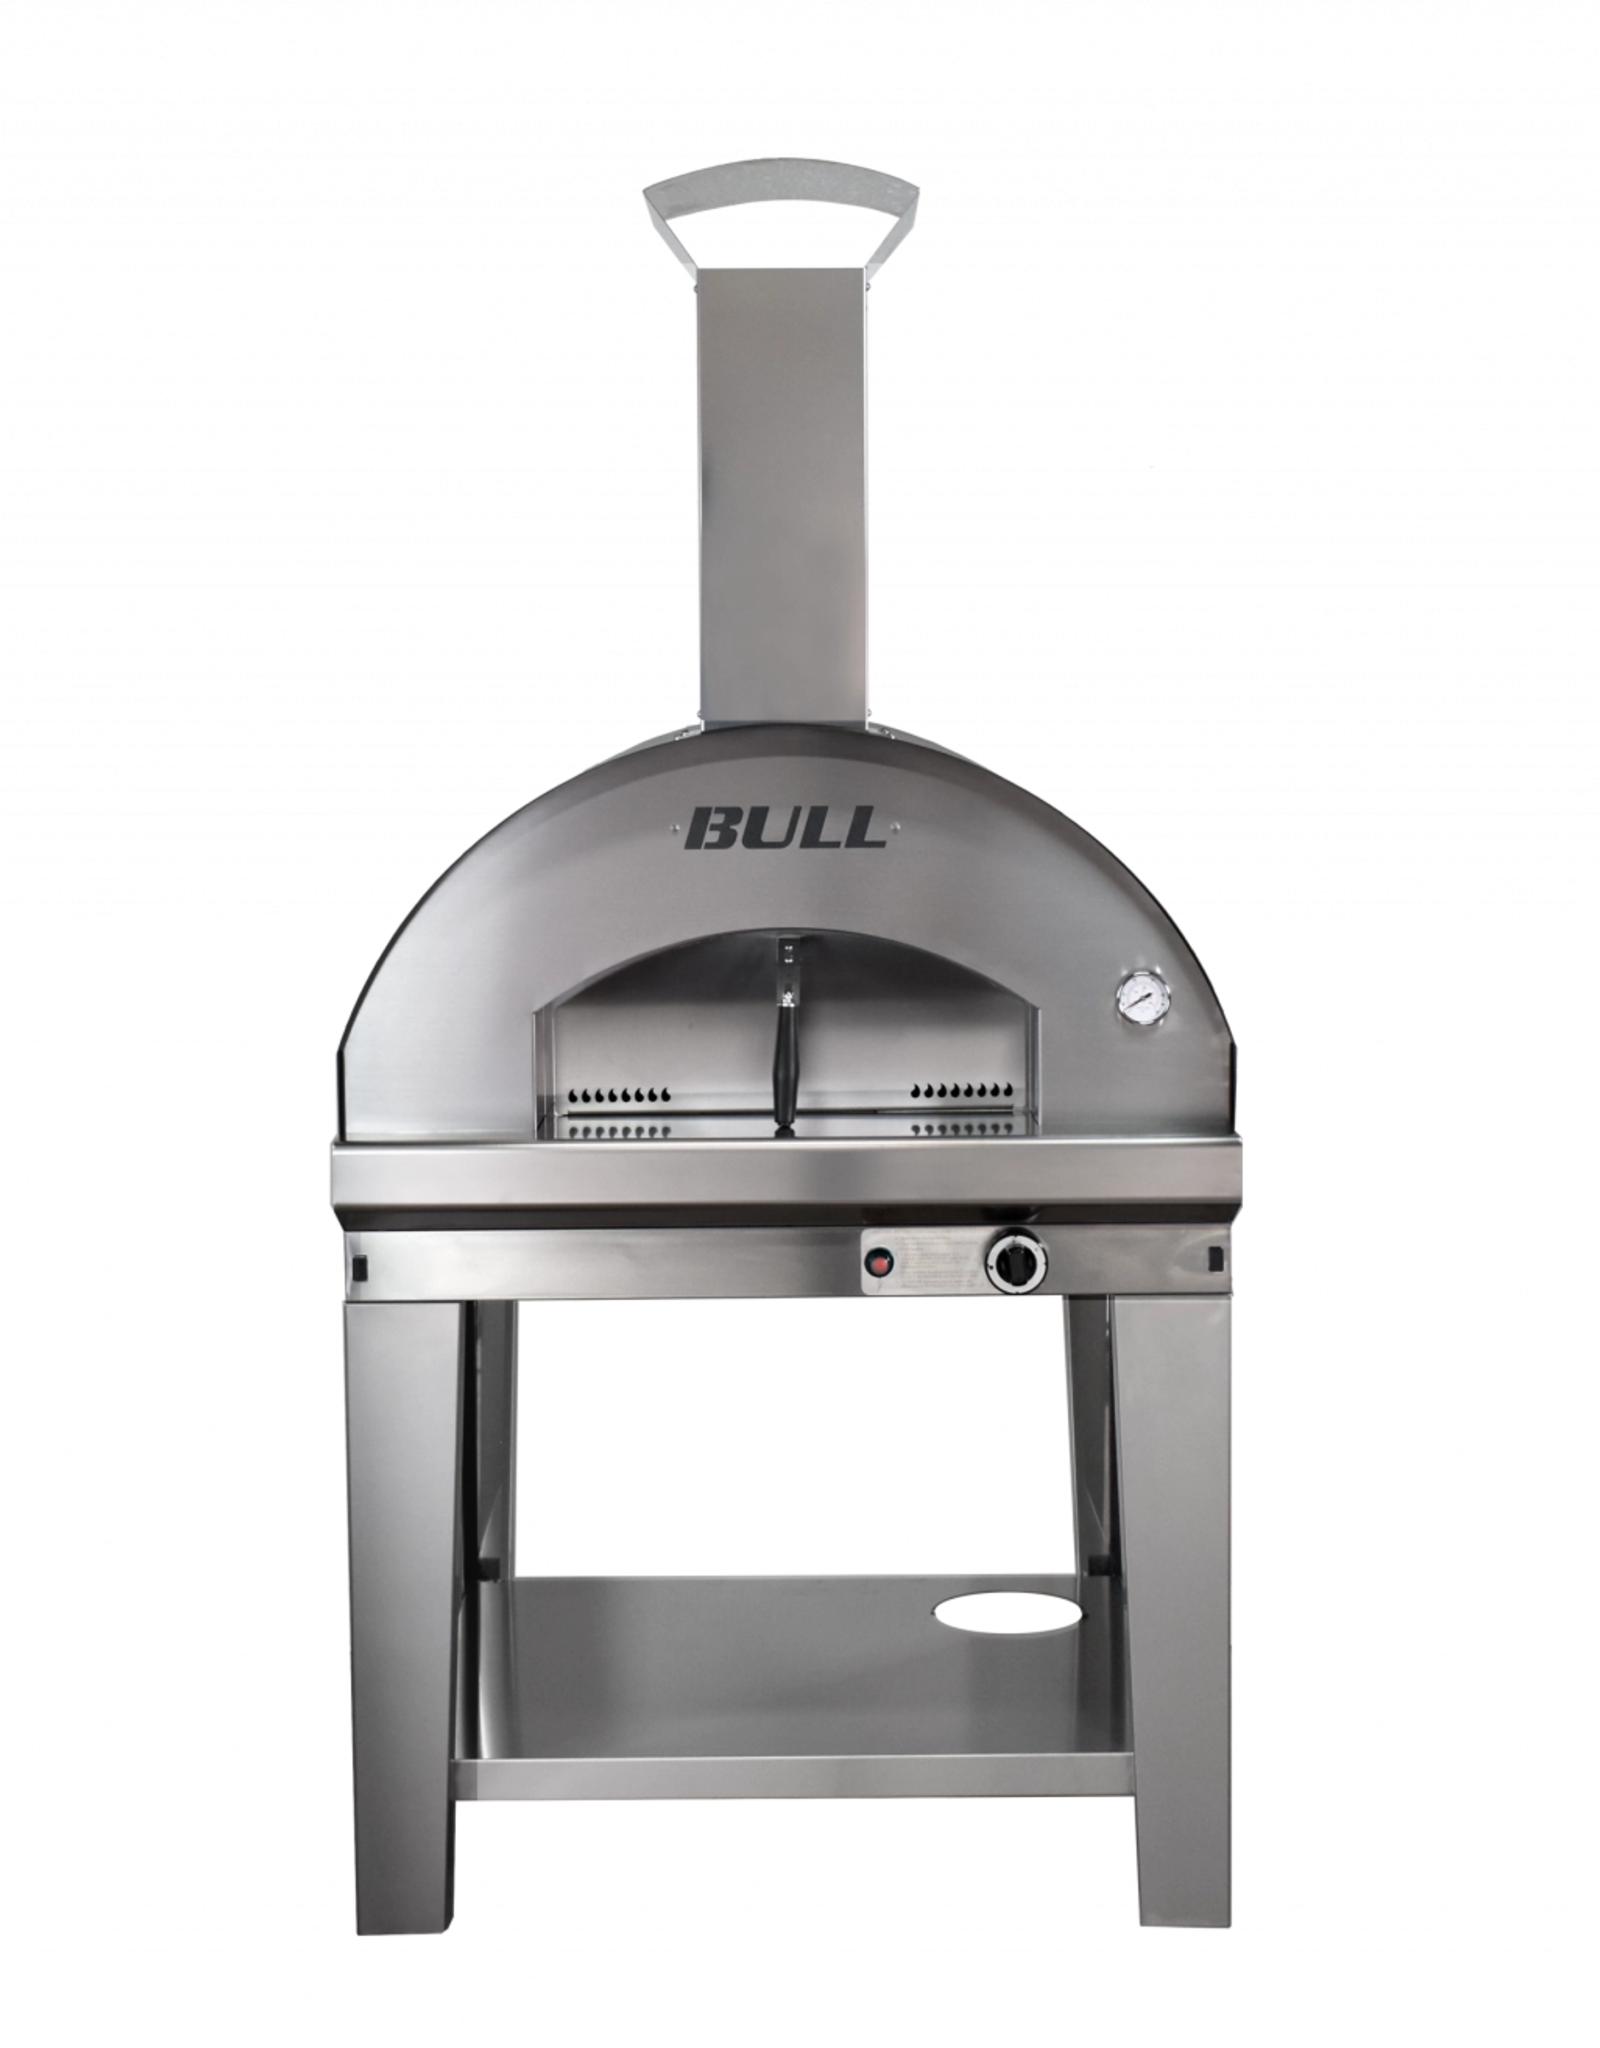 Bull Bull Gas Fired Italian Made Pizza Oven